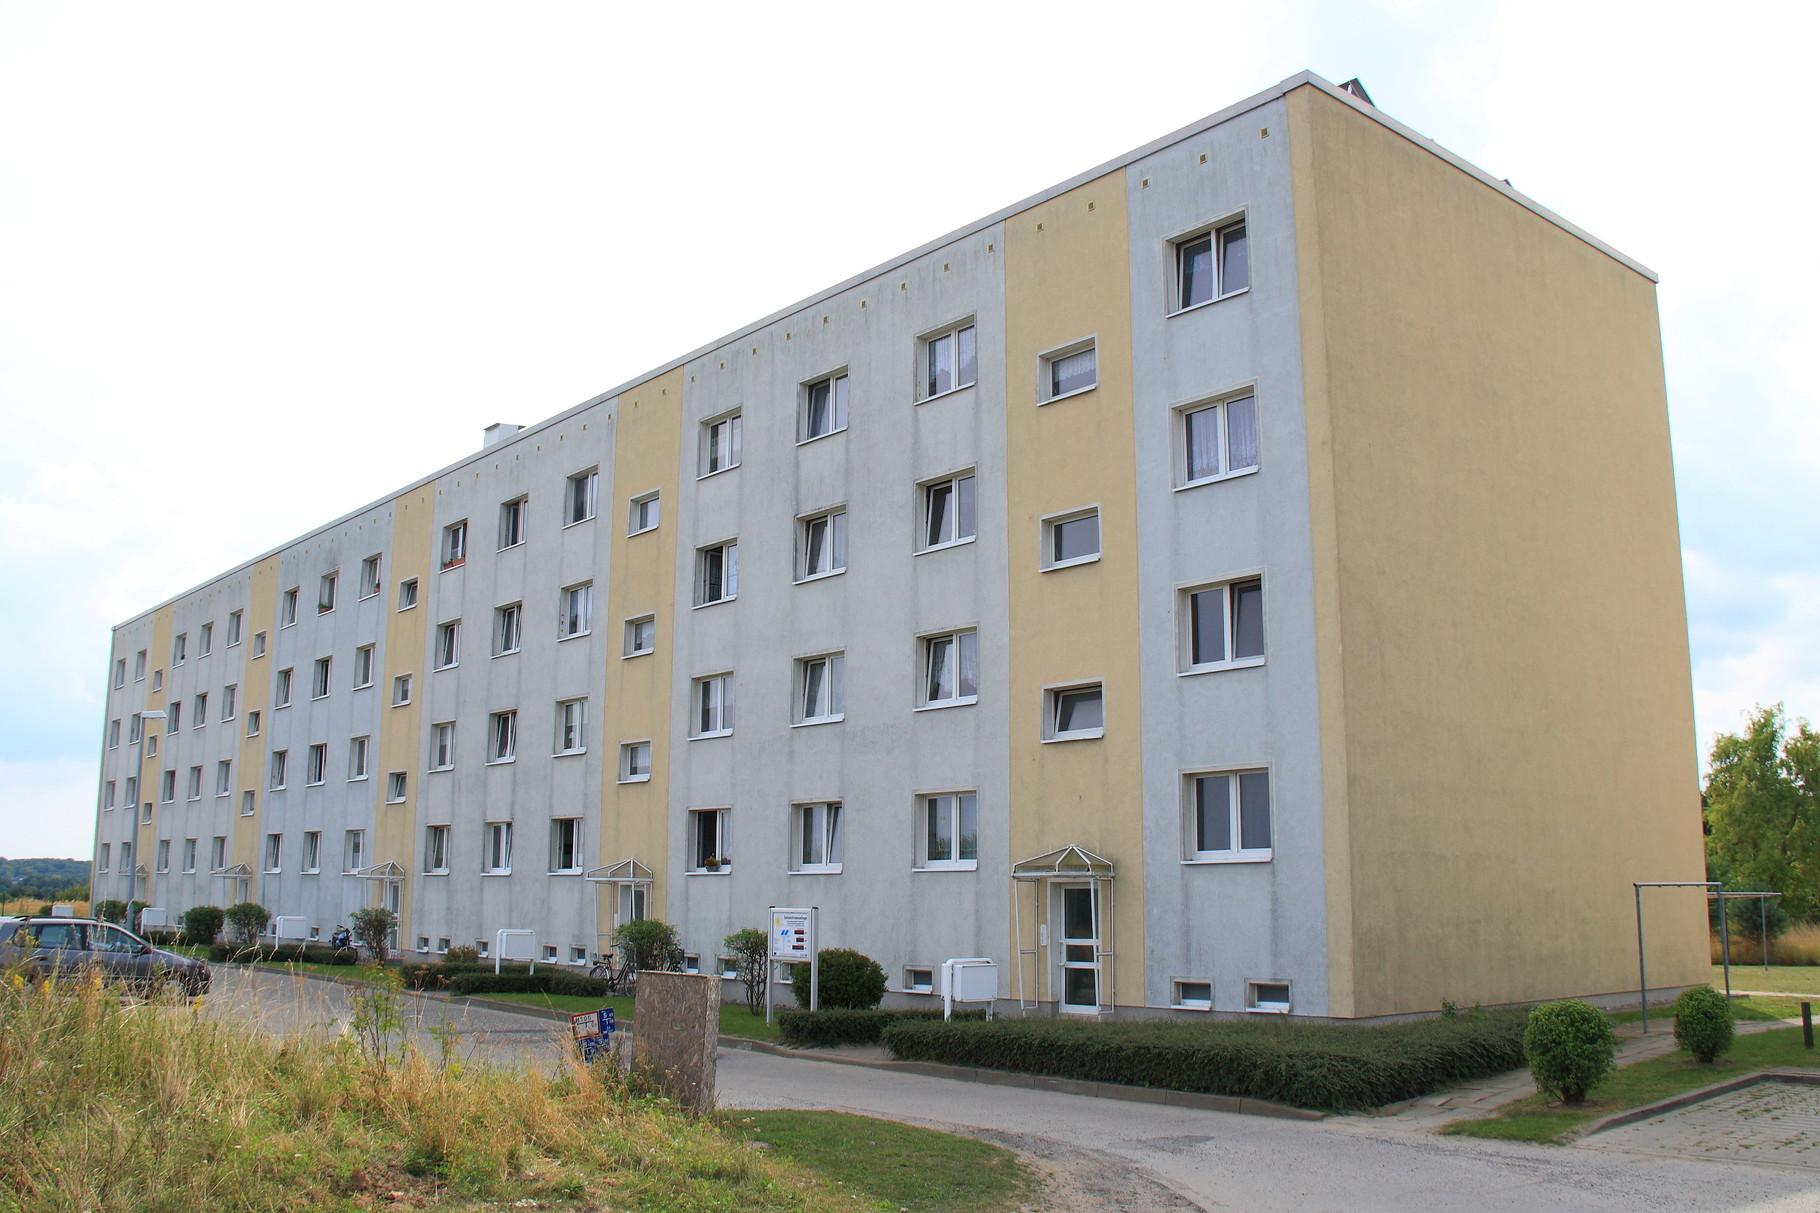 Seebad Bansin, Wohngebäude Gartenweg 3a-e